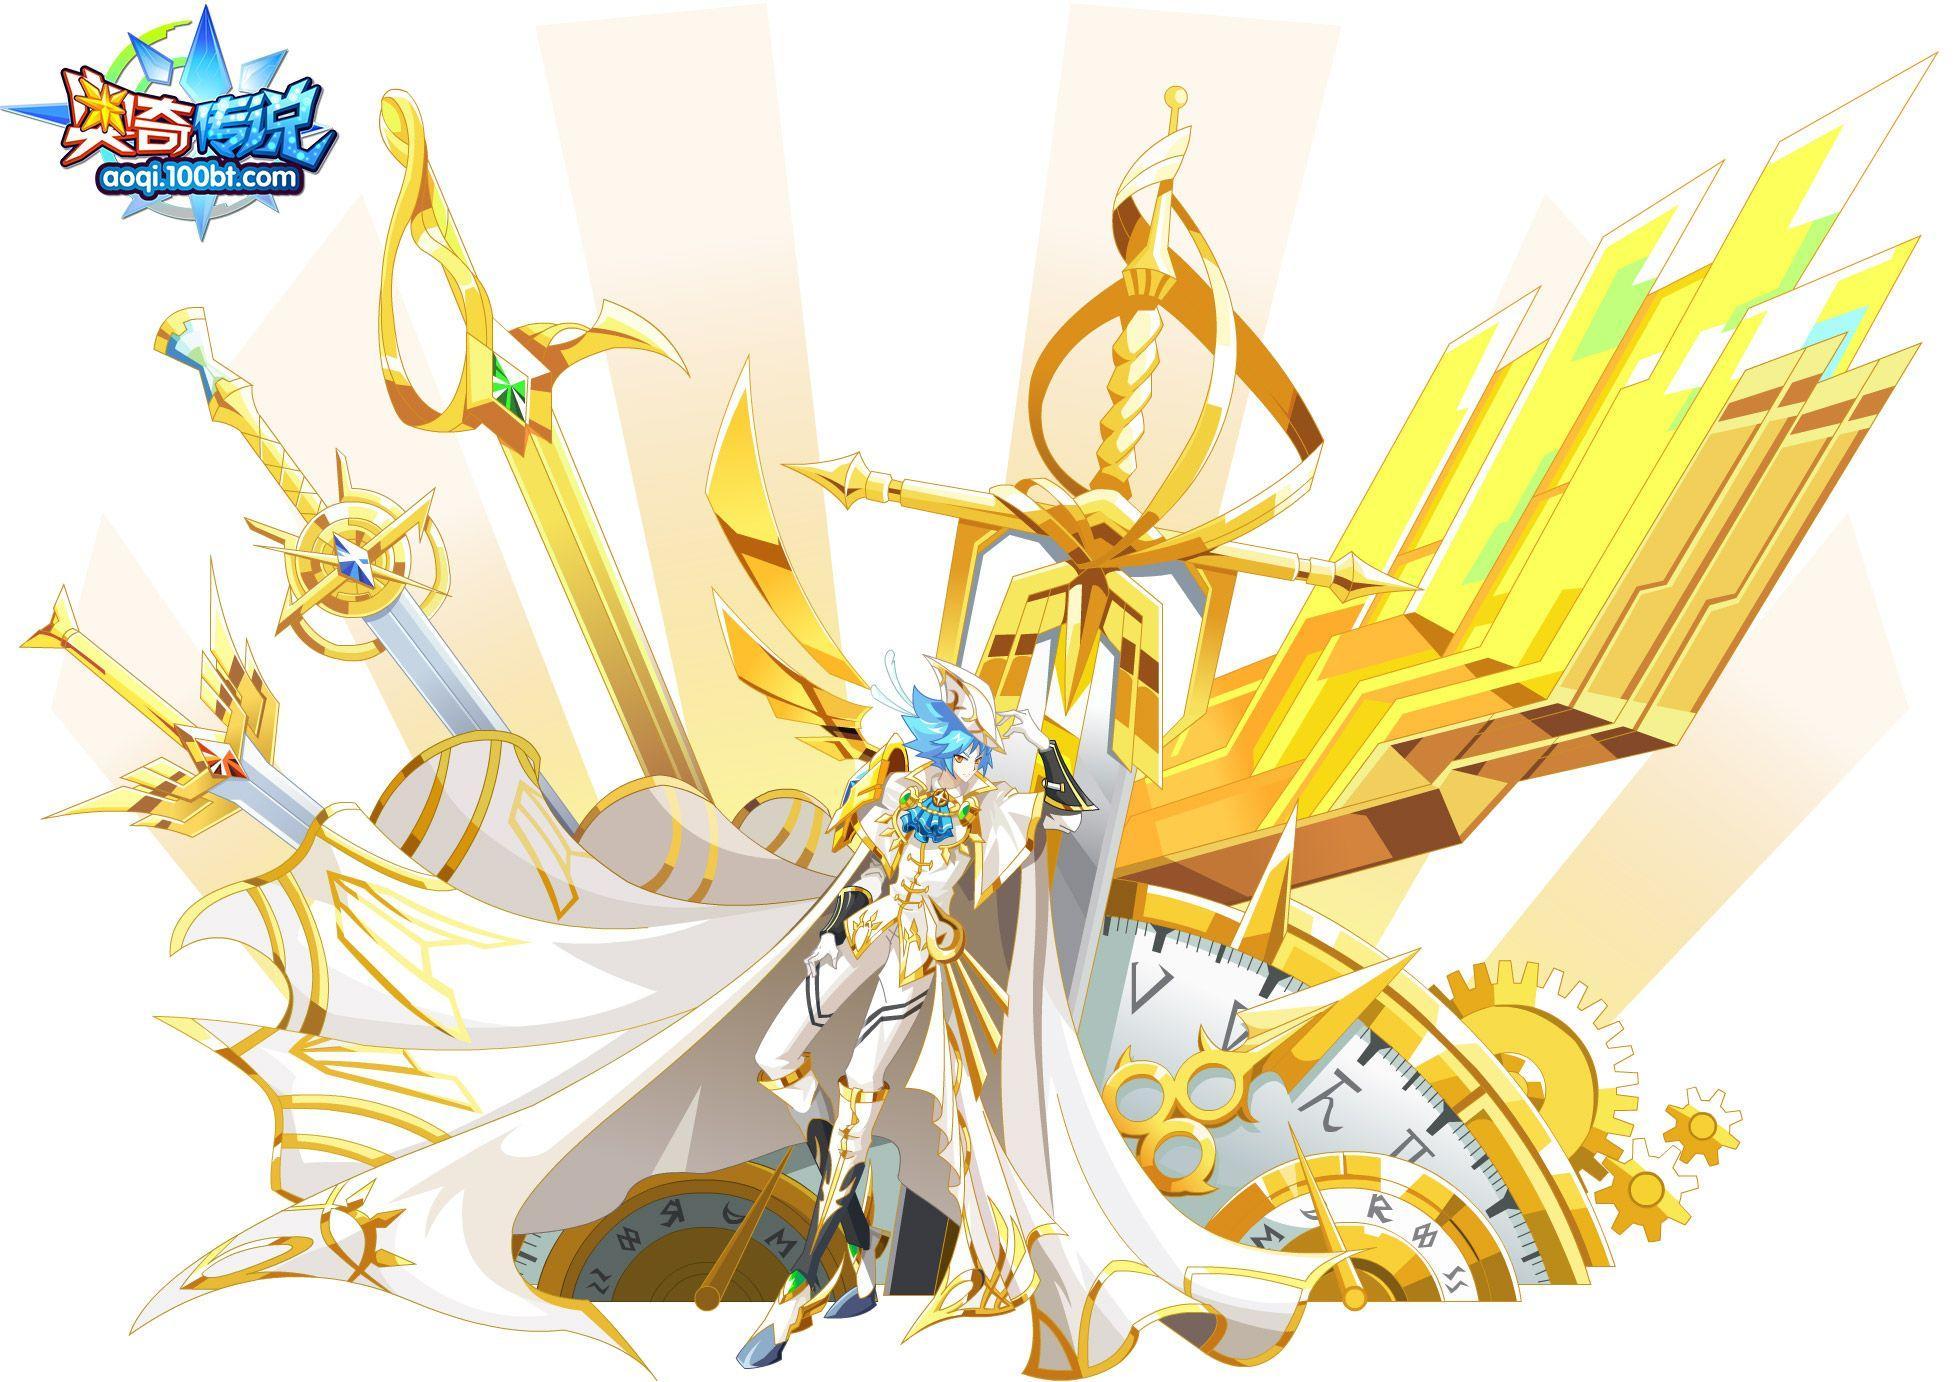 奥奇传说圣光天界神·诺图片 高清大图